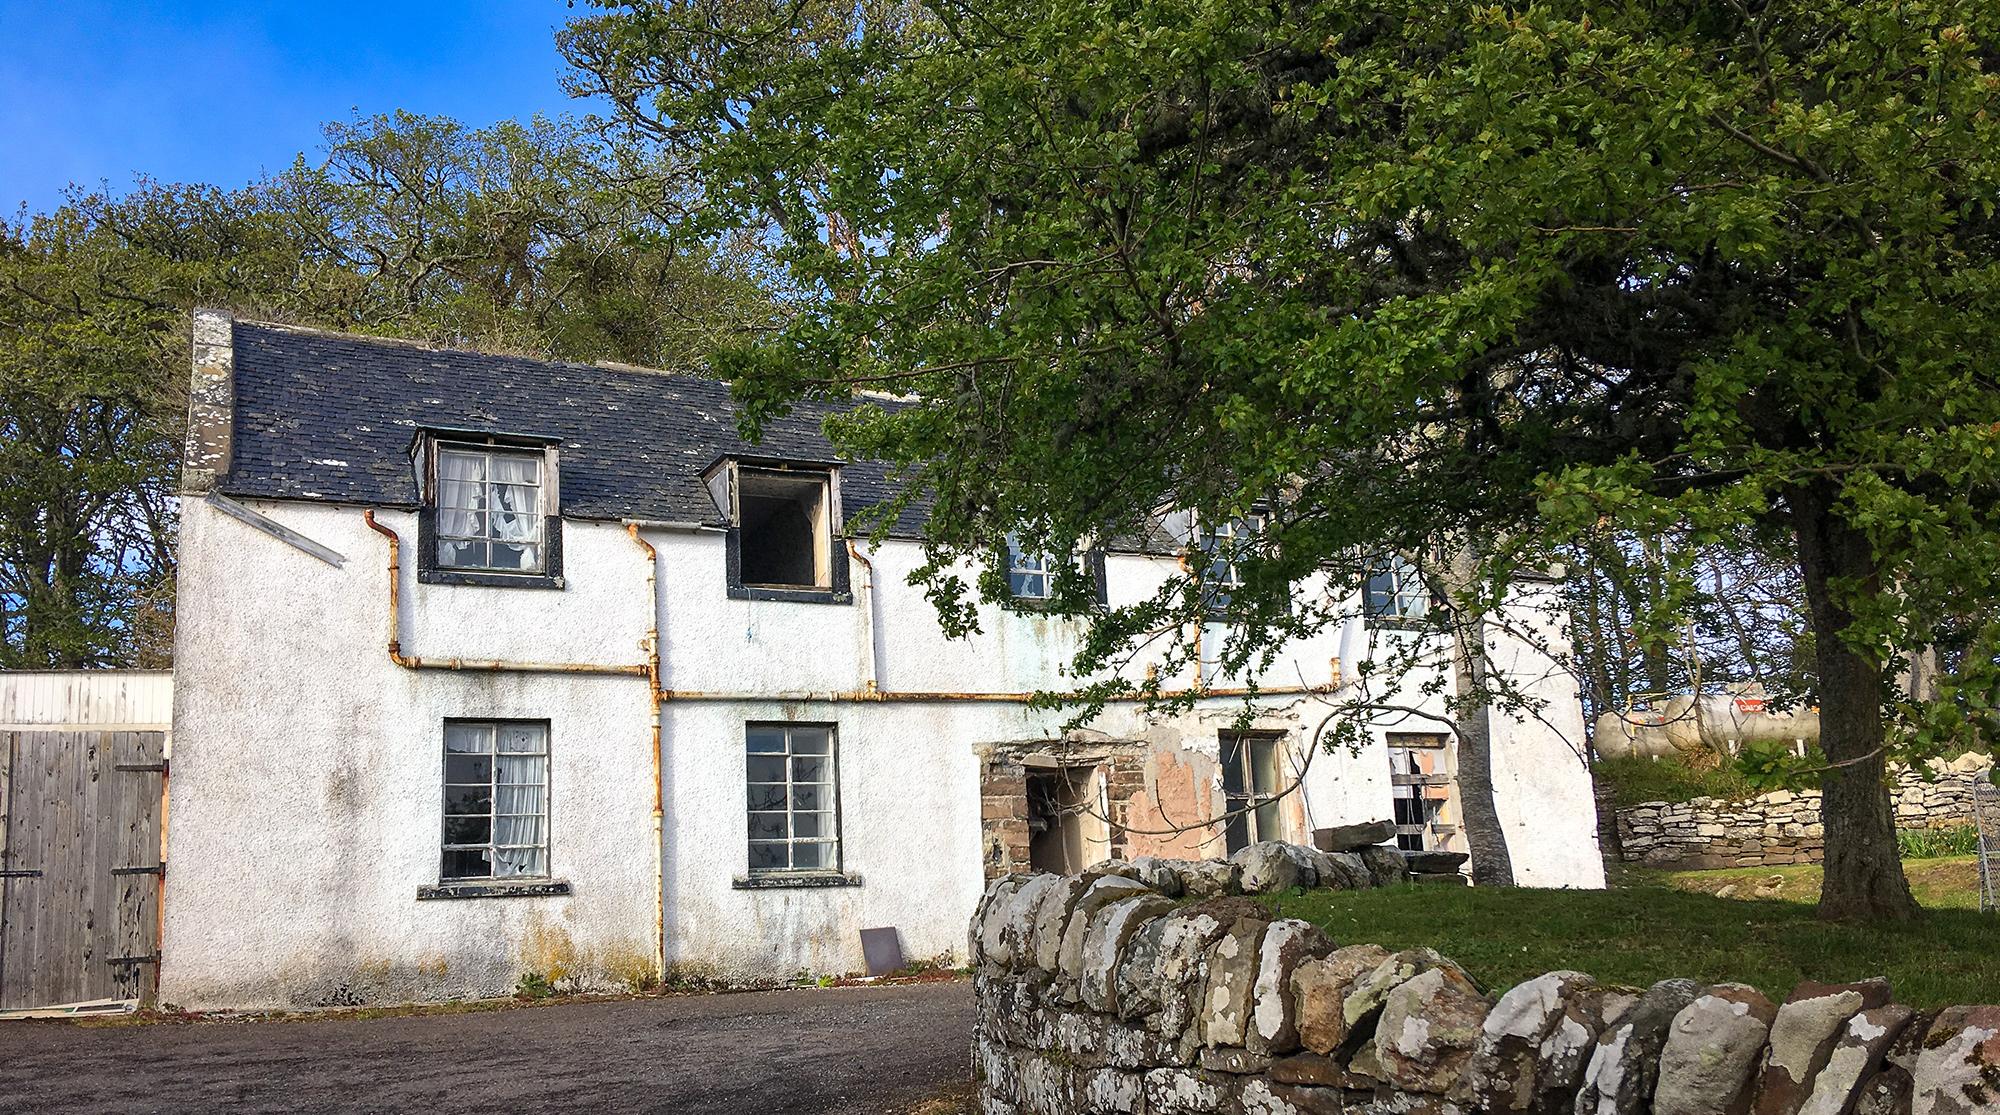 Verfallenes Hotel in Dunbeath mit Baum im Vordergrund